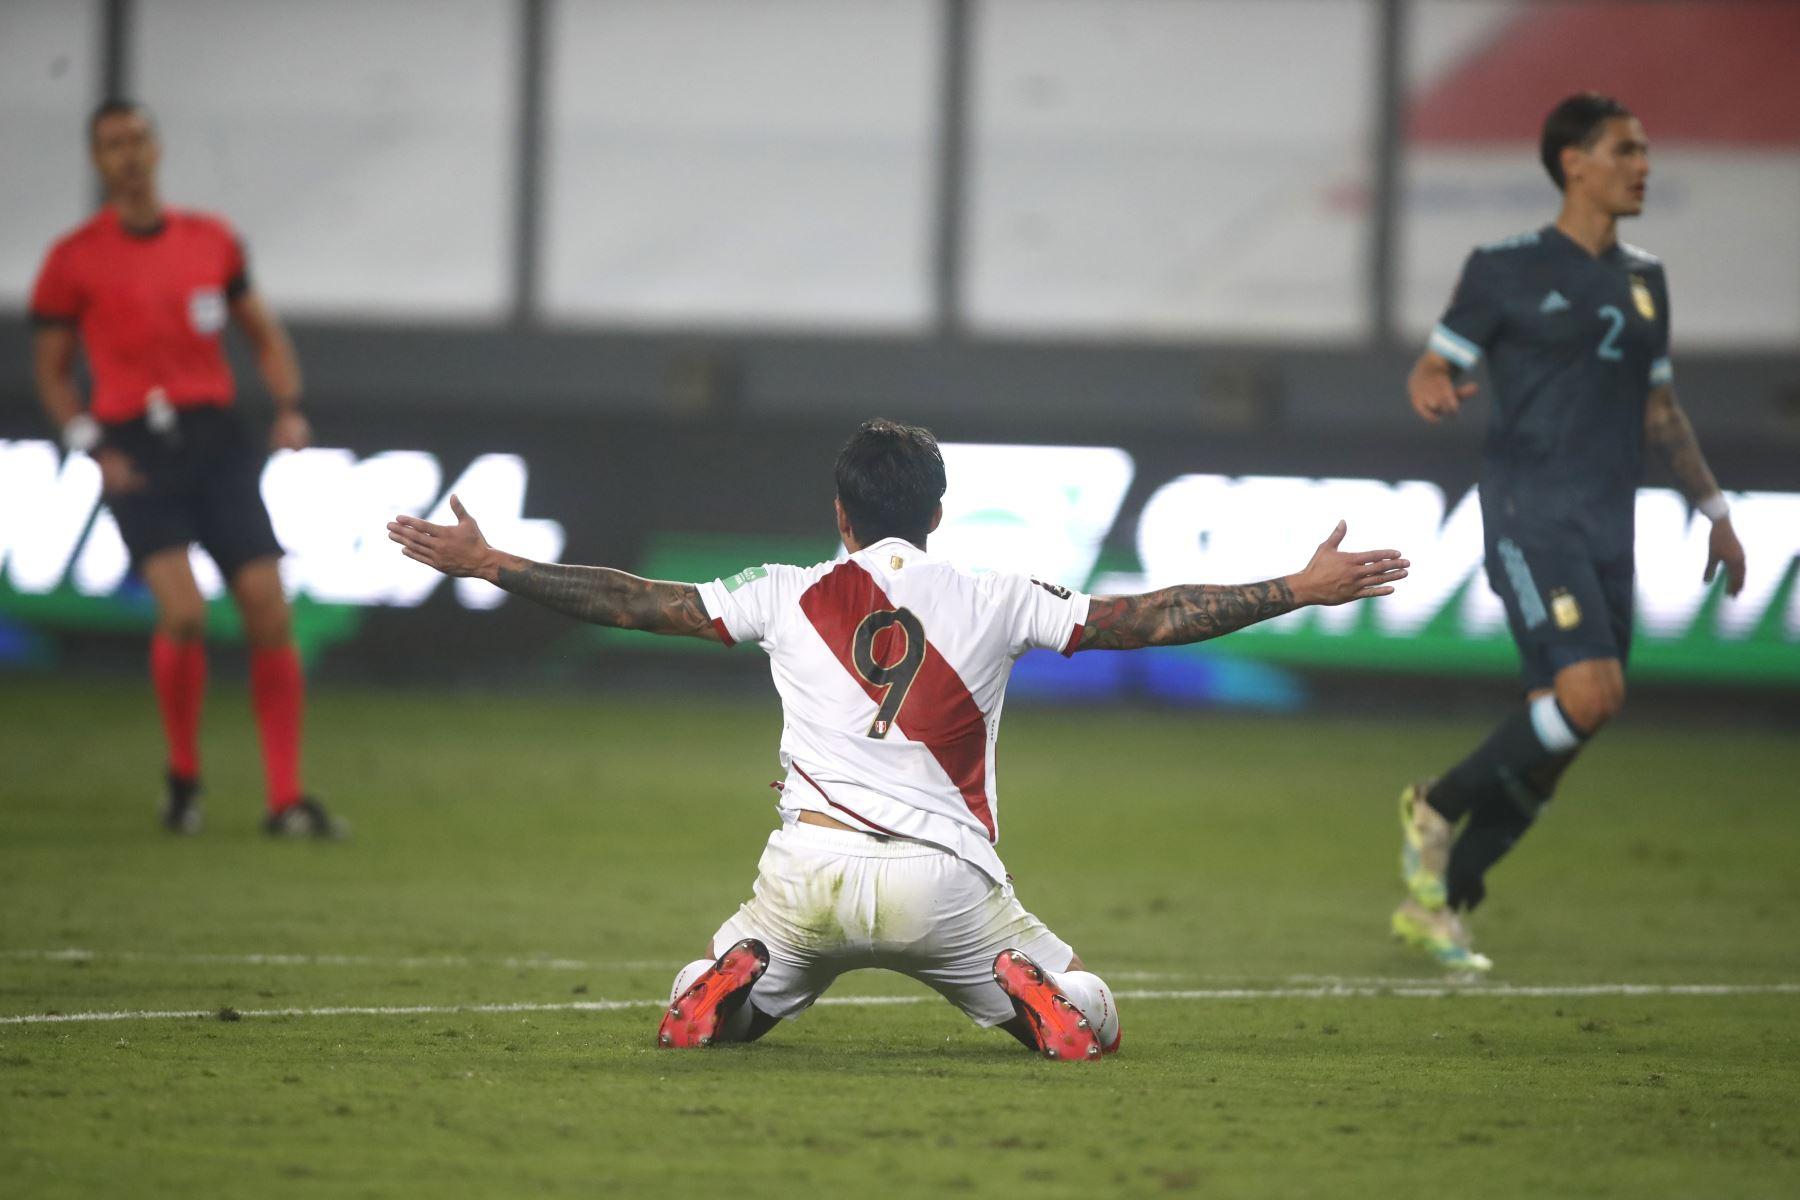 Gianluca Lapadula reclama ante la mirada del árbitro del encuentro tras la derrota de Perú  ante Argentina por 2 a 0 en el Estadio Nacional de Lima por la fecha 4 de las eliminatorias rumbo a Qatar 2022. Foto: Pool FPF